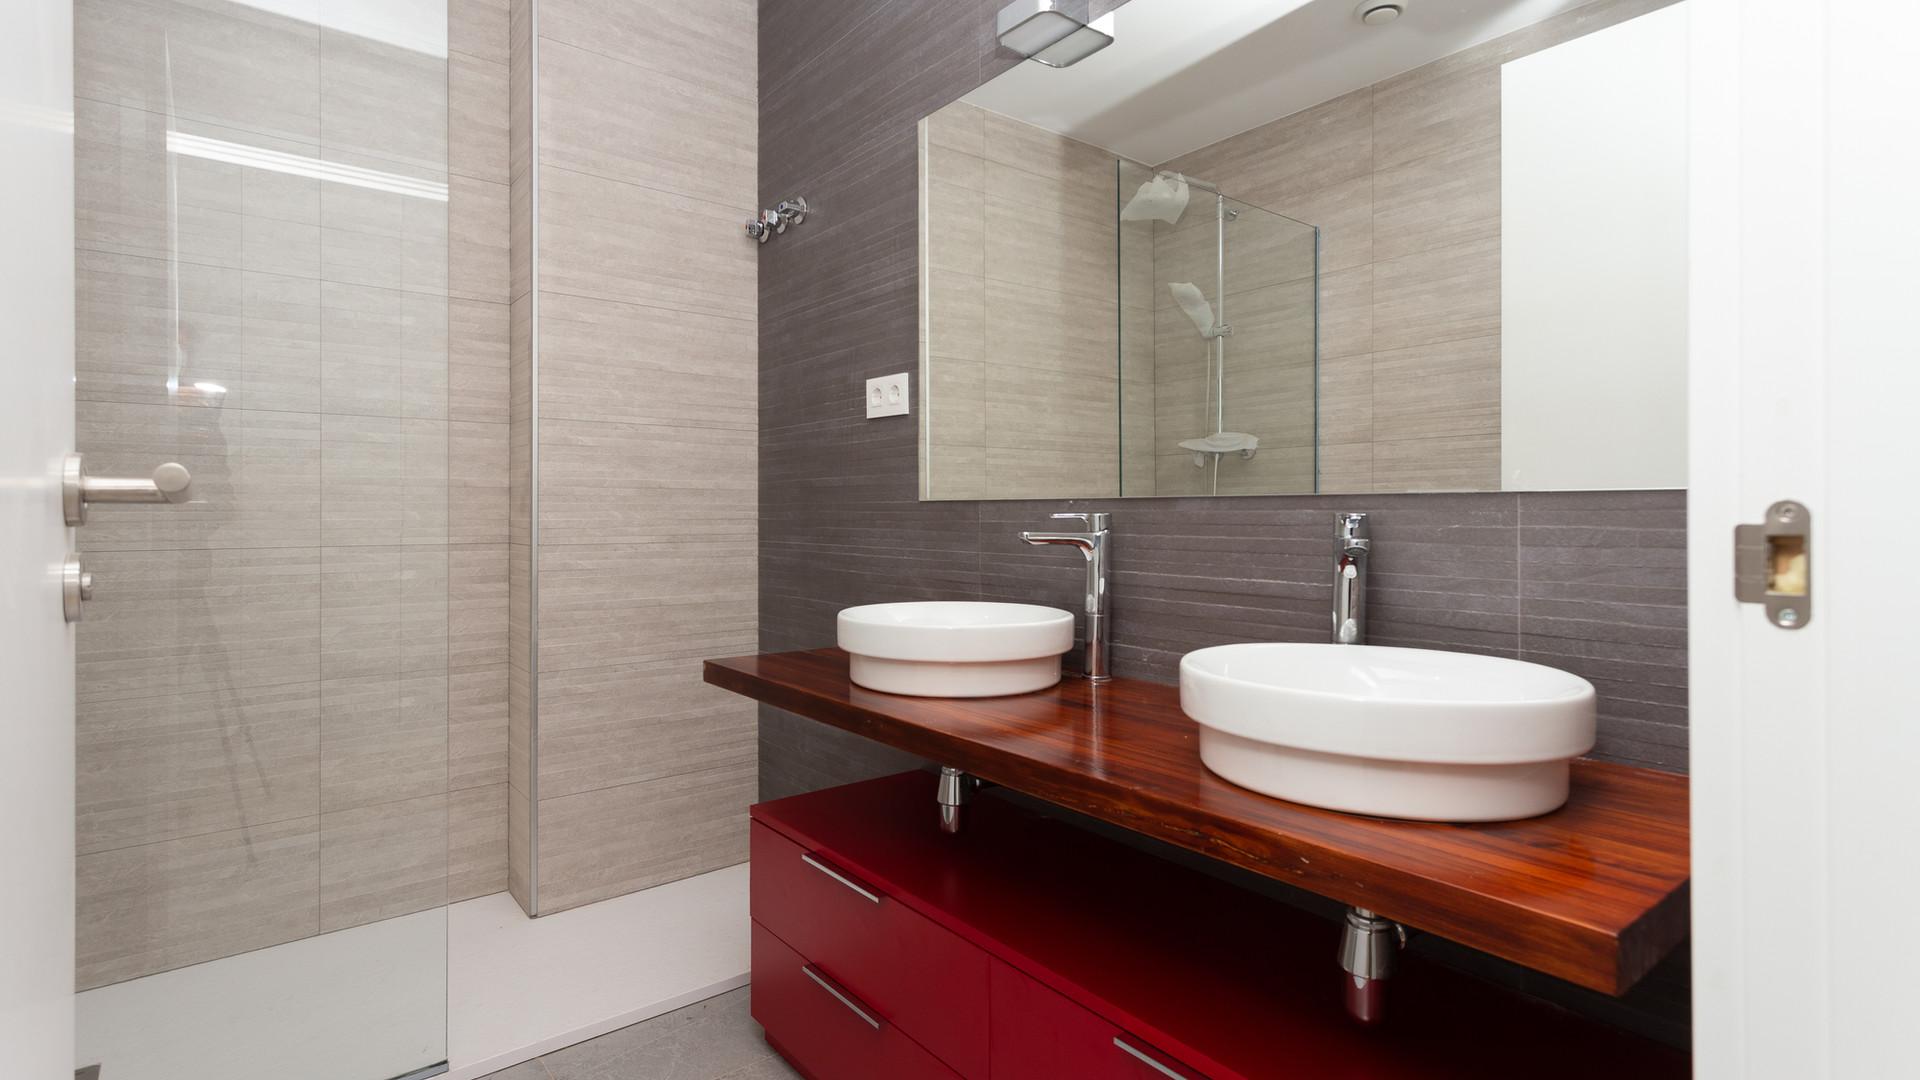 Санузел спальни / Bathroom in bedroom